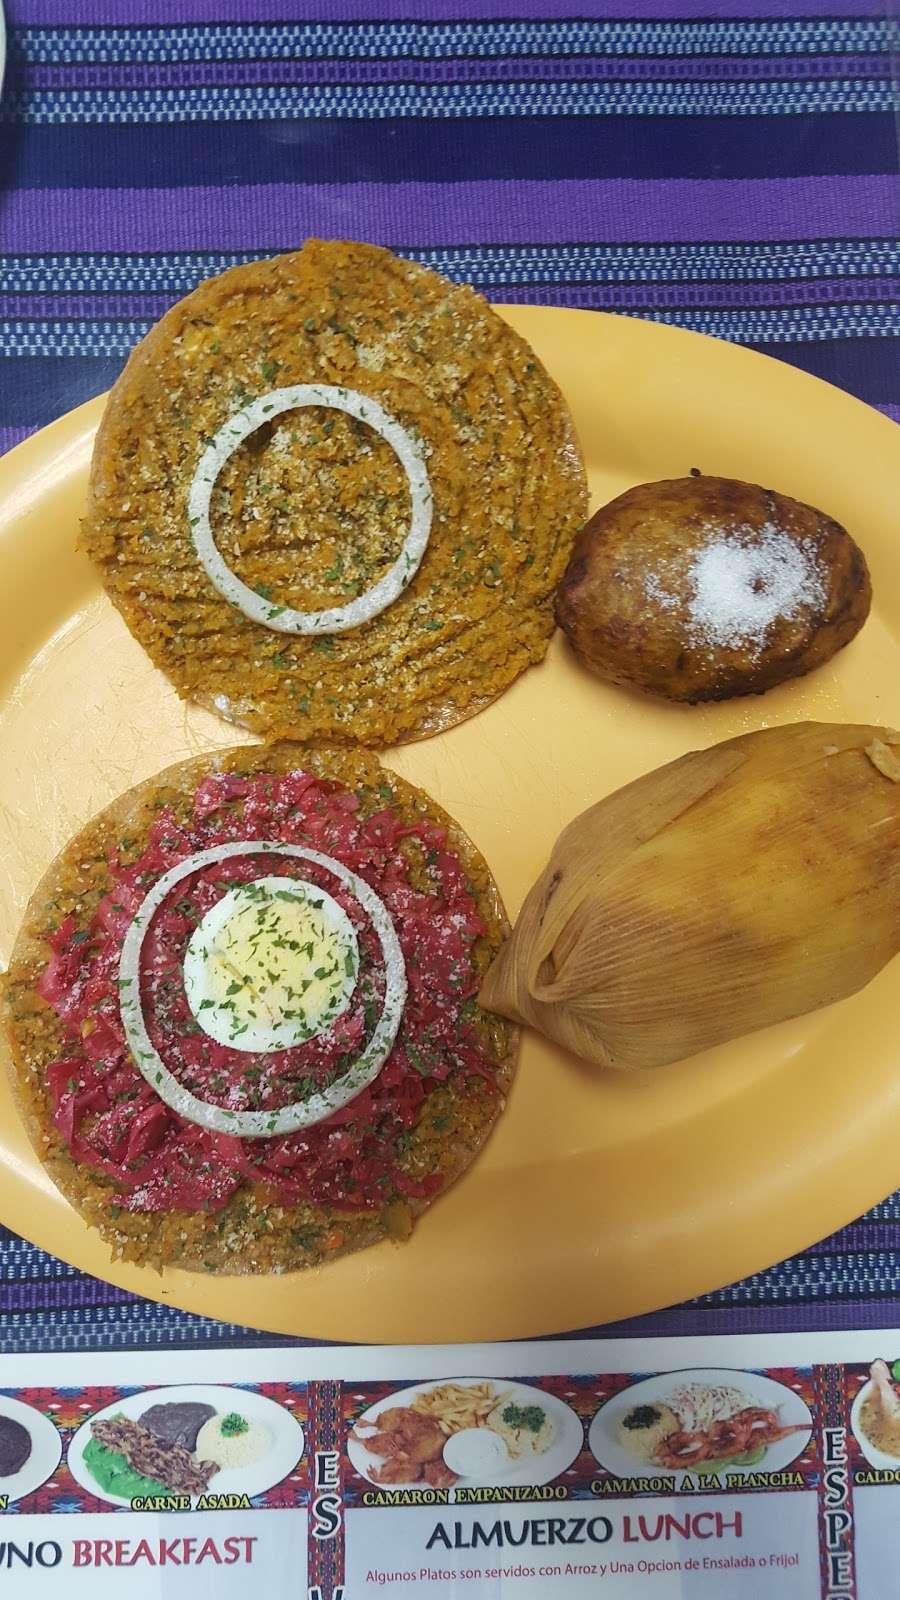 Guatemala Restaurant - restaurant  | Photo 8 of 10 | Address: 3330 Hillcroft St, Houston, TX 77057, USA | Phone: (713) 789-4330